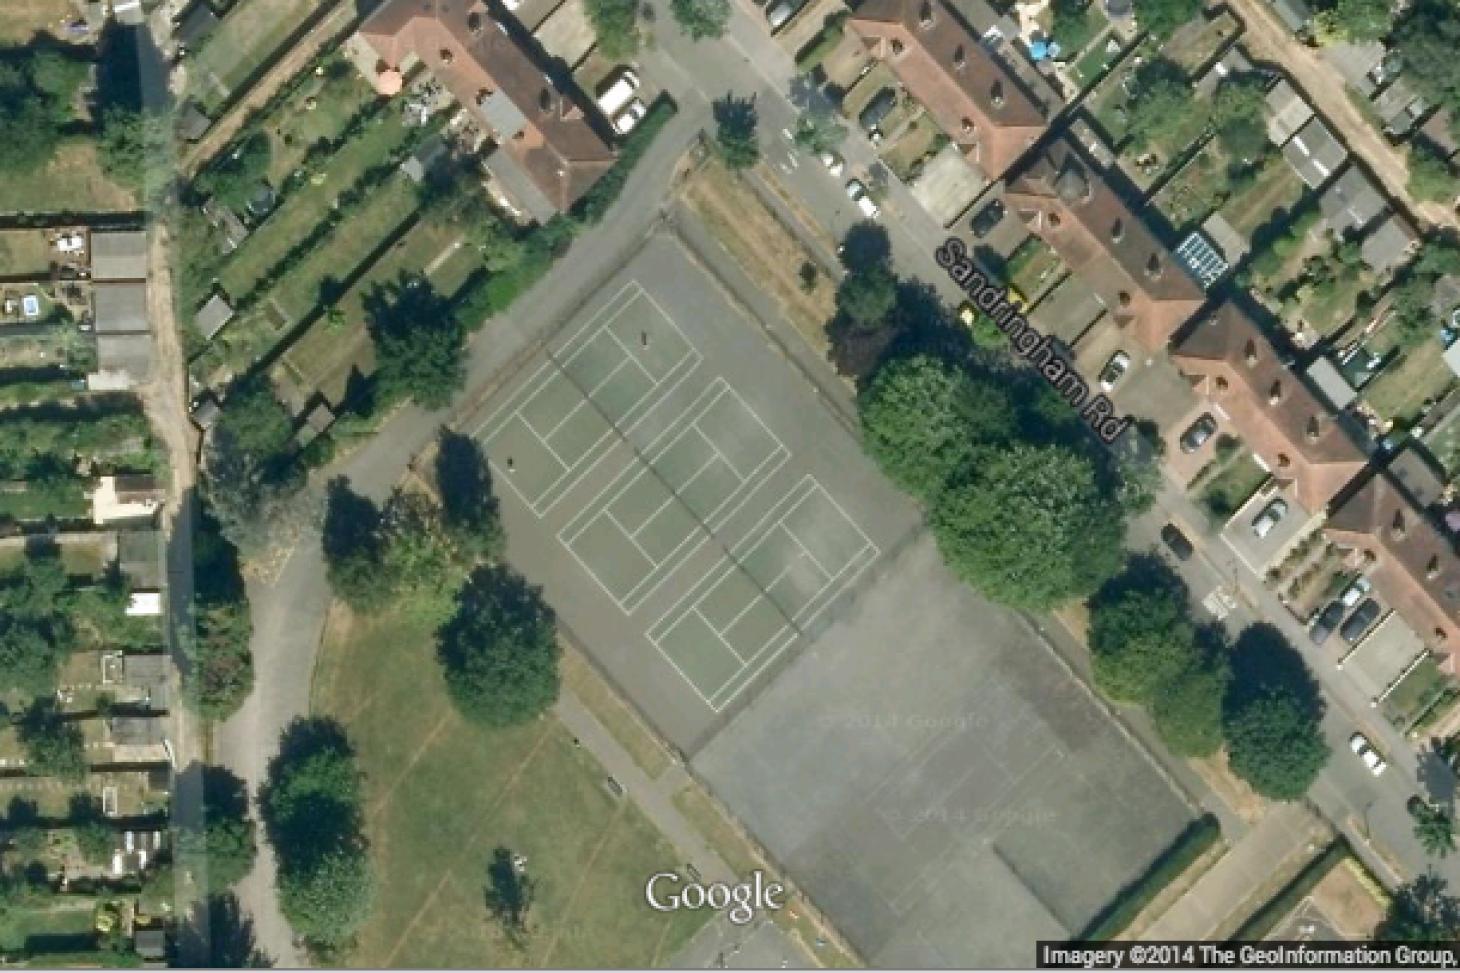 Cuddington Recreation Ground Outdoor | Hard (macadam) tennis court